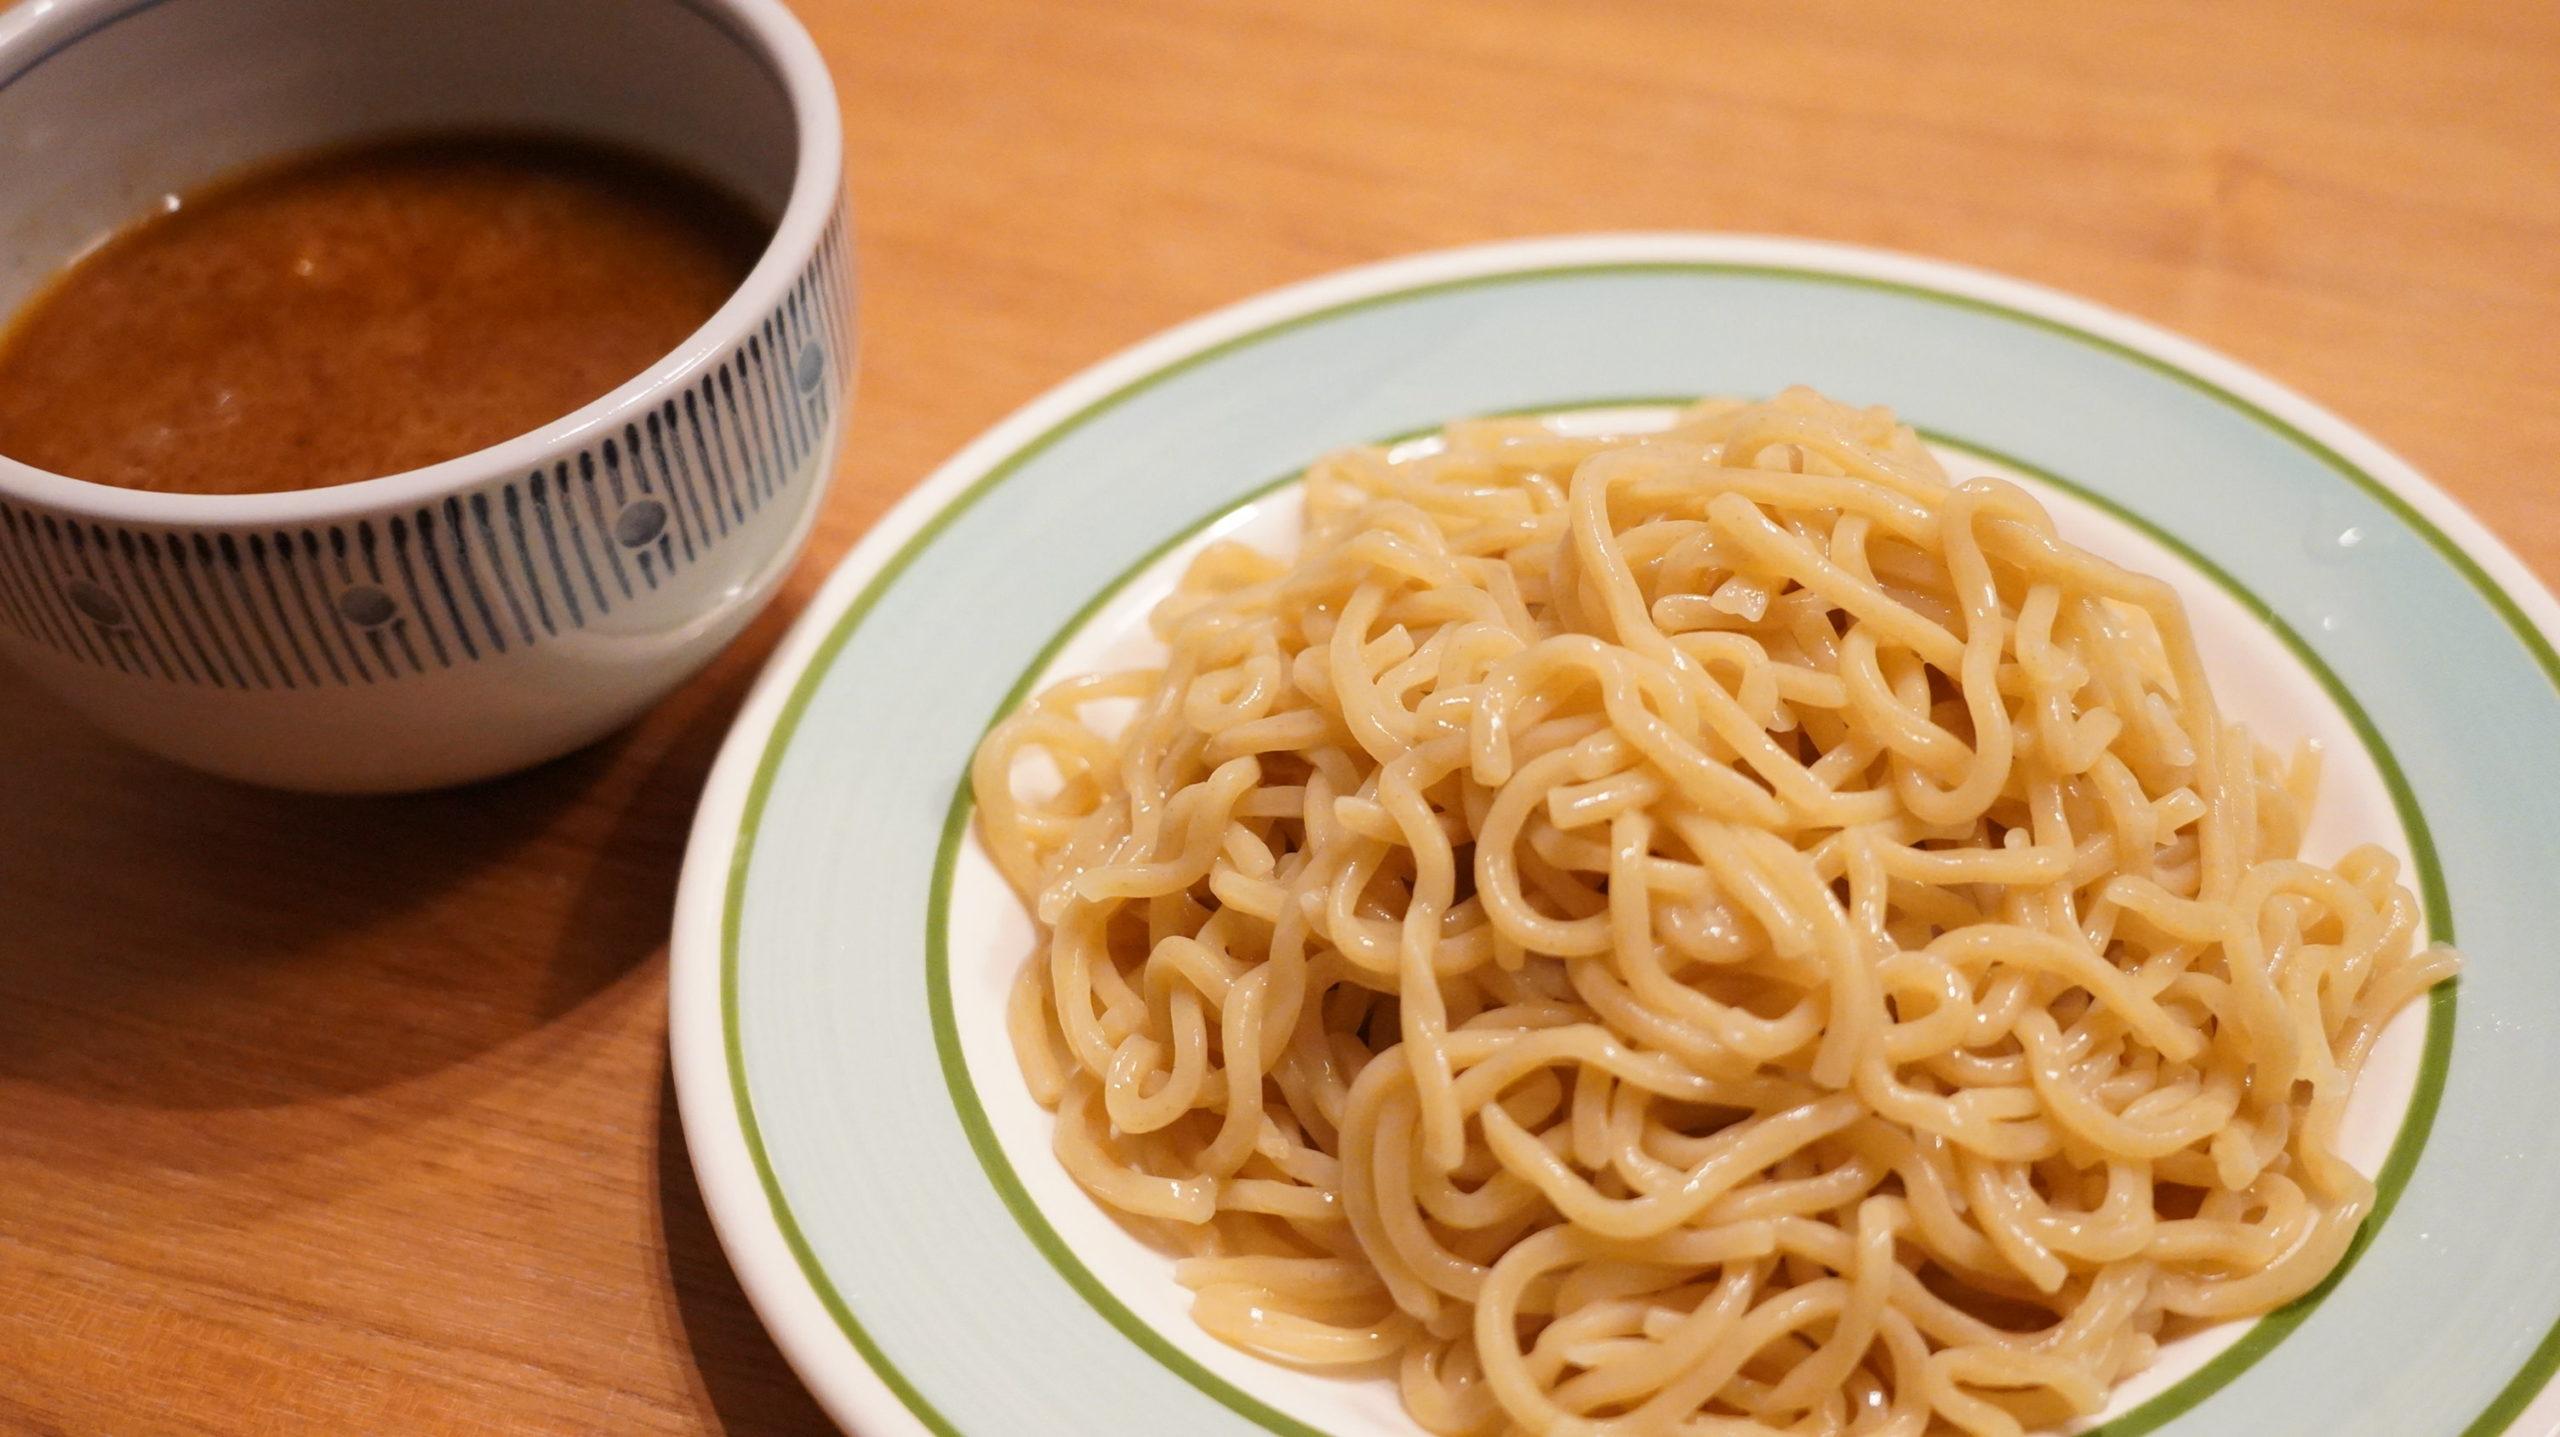 オンライン通販で注文した三田製麺所の「冷凍つけ麺」のスープと麺の写真